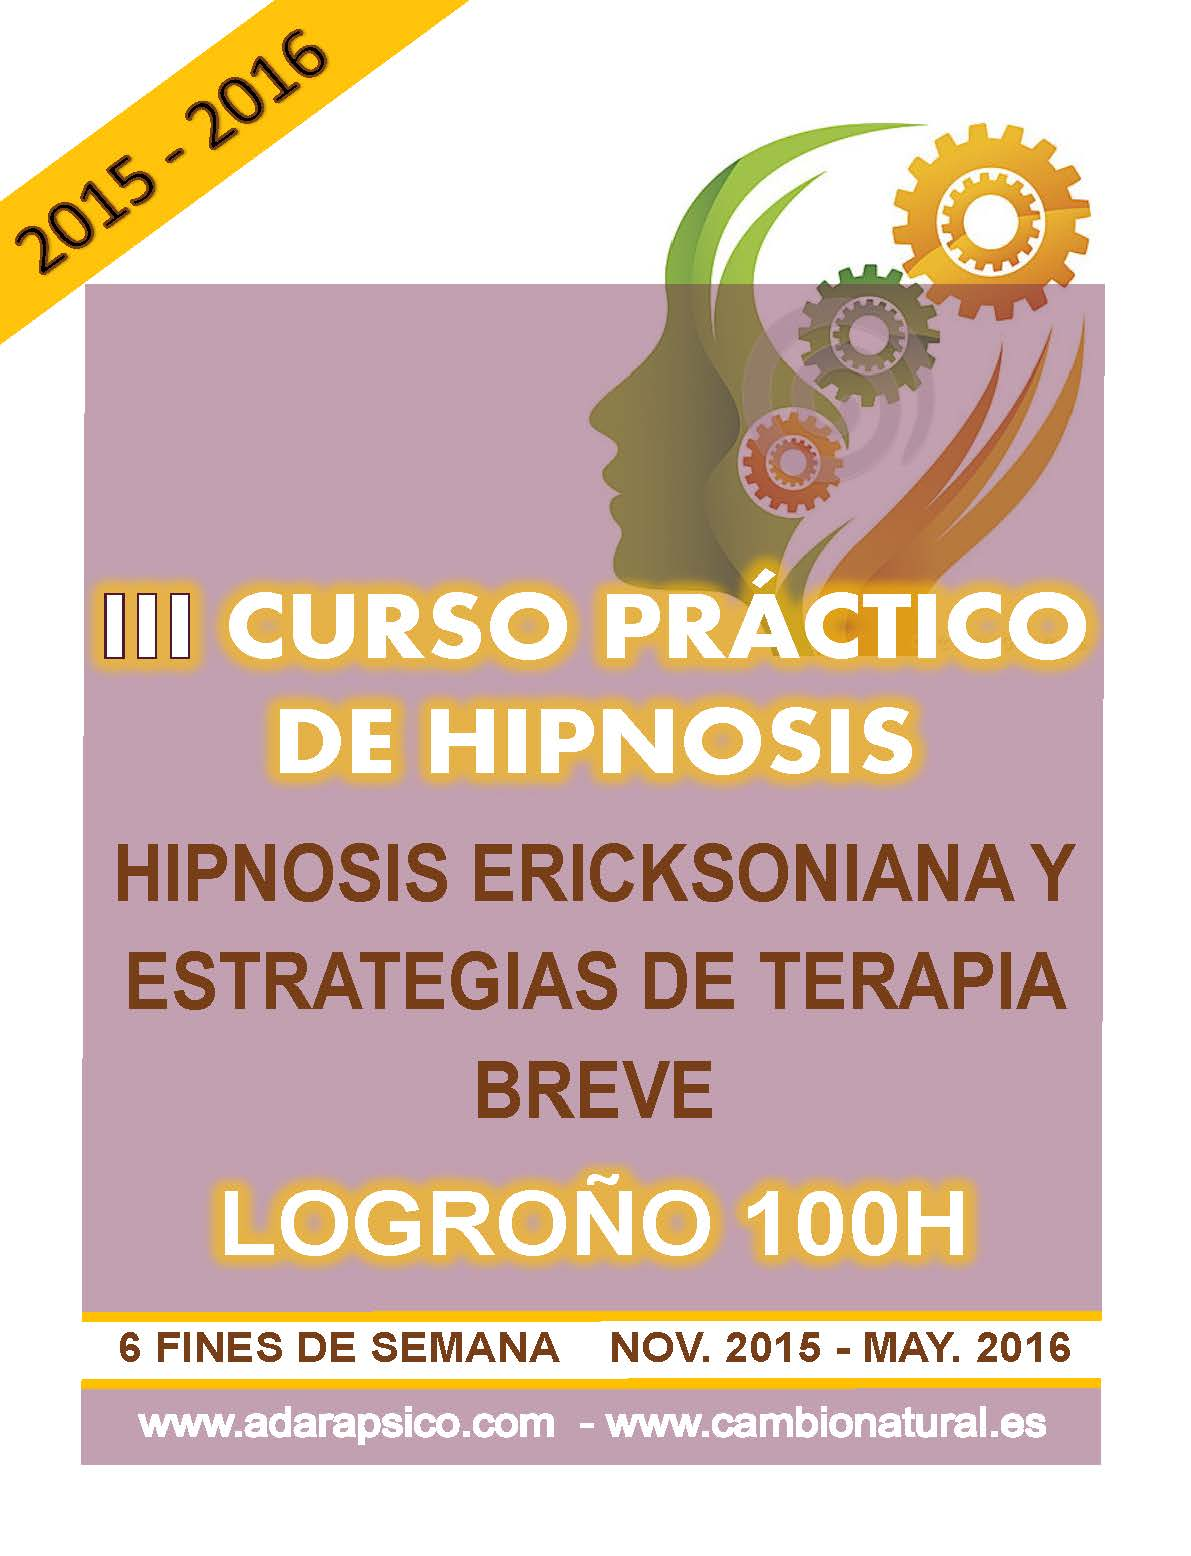 III Curso práctico de hipnosis en Logroño 2015-16